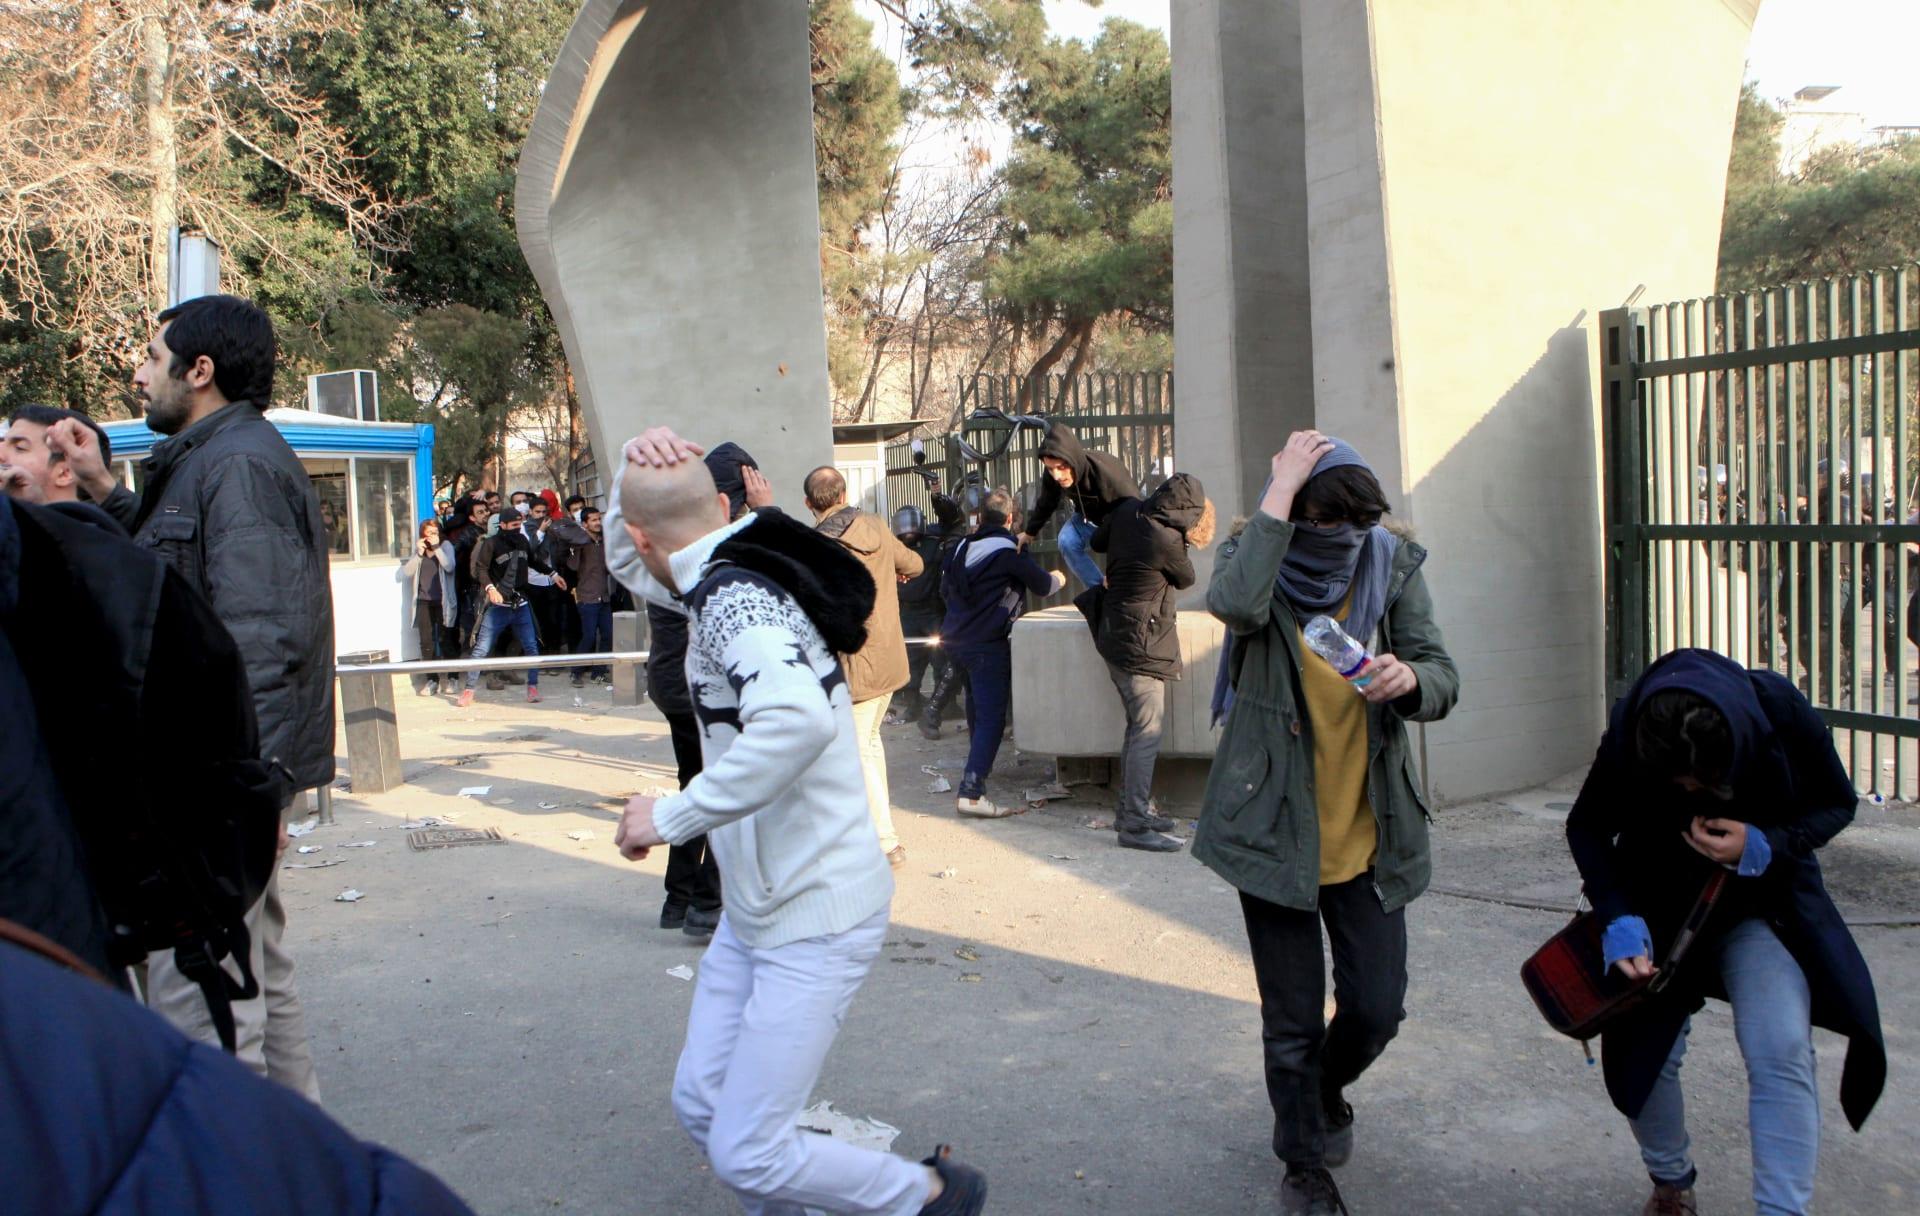 محللون: الشباب الإيراني يريد التحرر.. لكنه لن يحمل السلاح